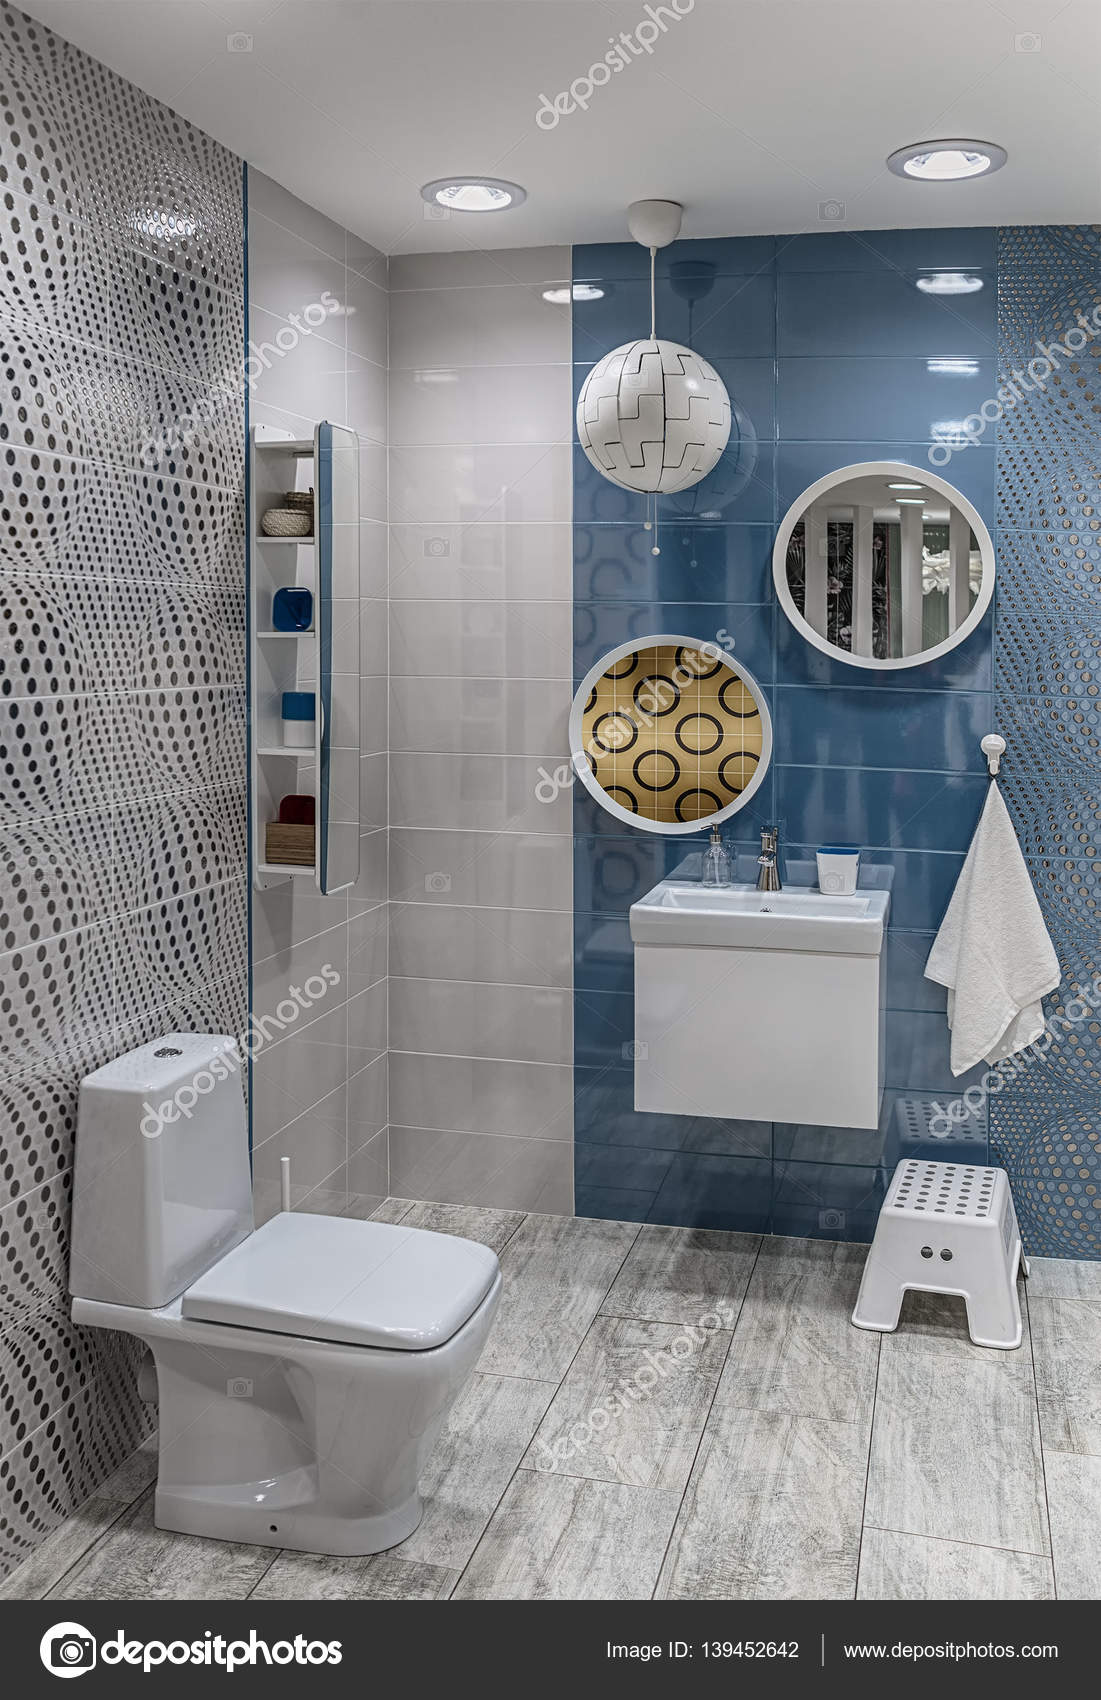 Moderno dise o interior de un cuarto de ba o fotos de for Banos modernos diseno interior